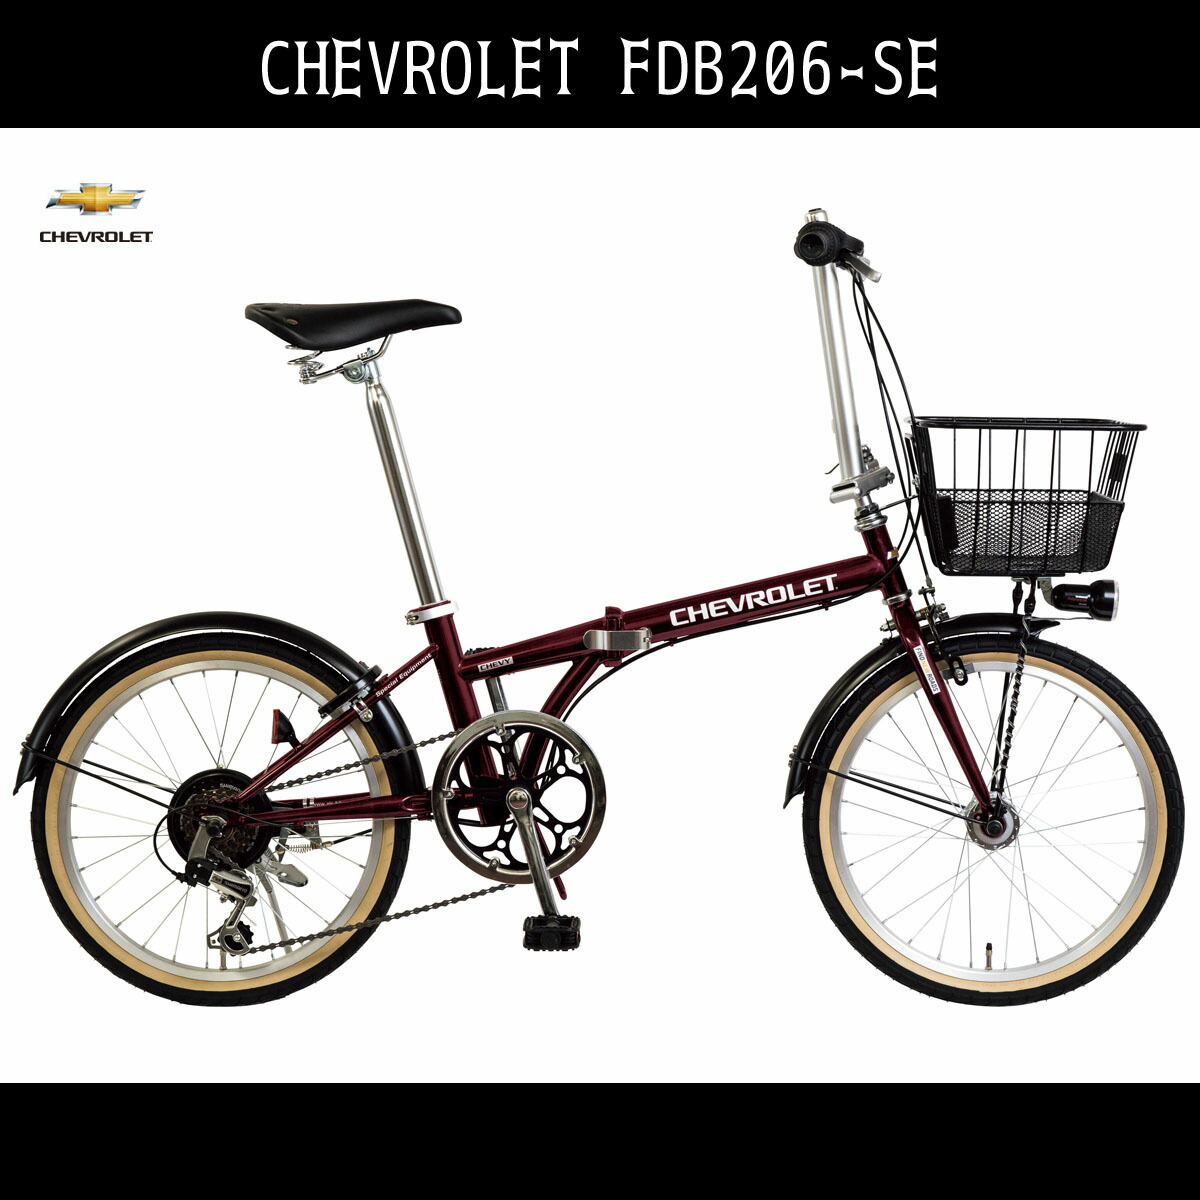 シボレー 折りたたみ自転車 ホワイト/白20インチ 折りたたみ自転車 外装6段変速ギア LEDオートライト 鍵付き かご付き CHEVROLET CHEVY シェビー 自転車 シボレー FDB206-SE